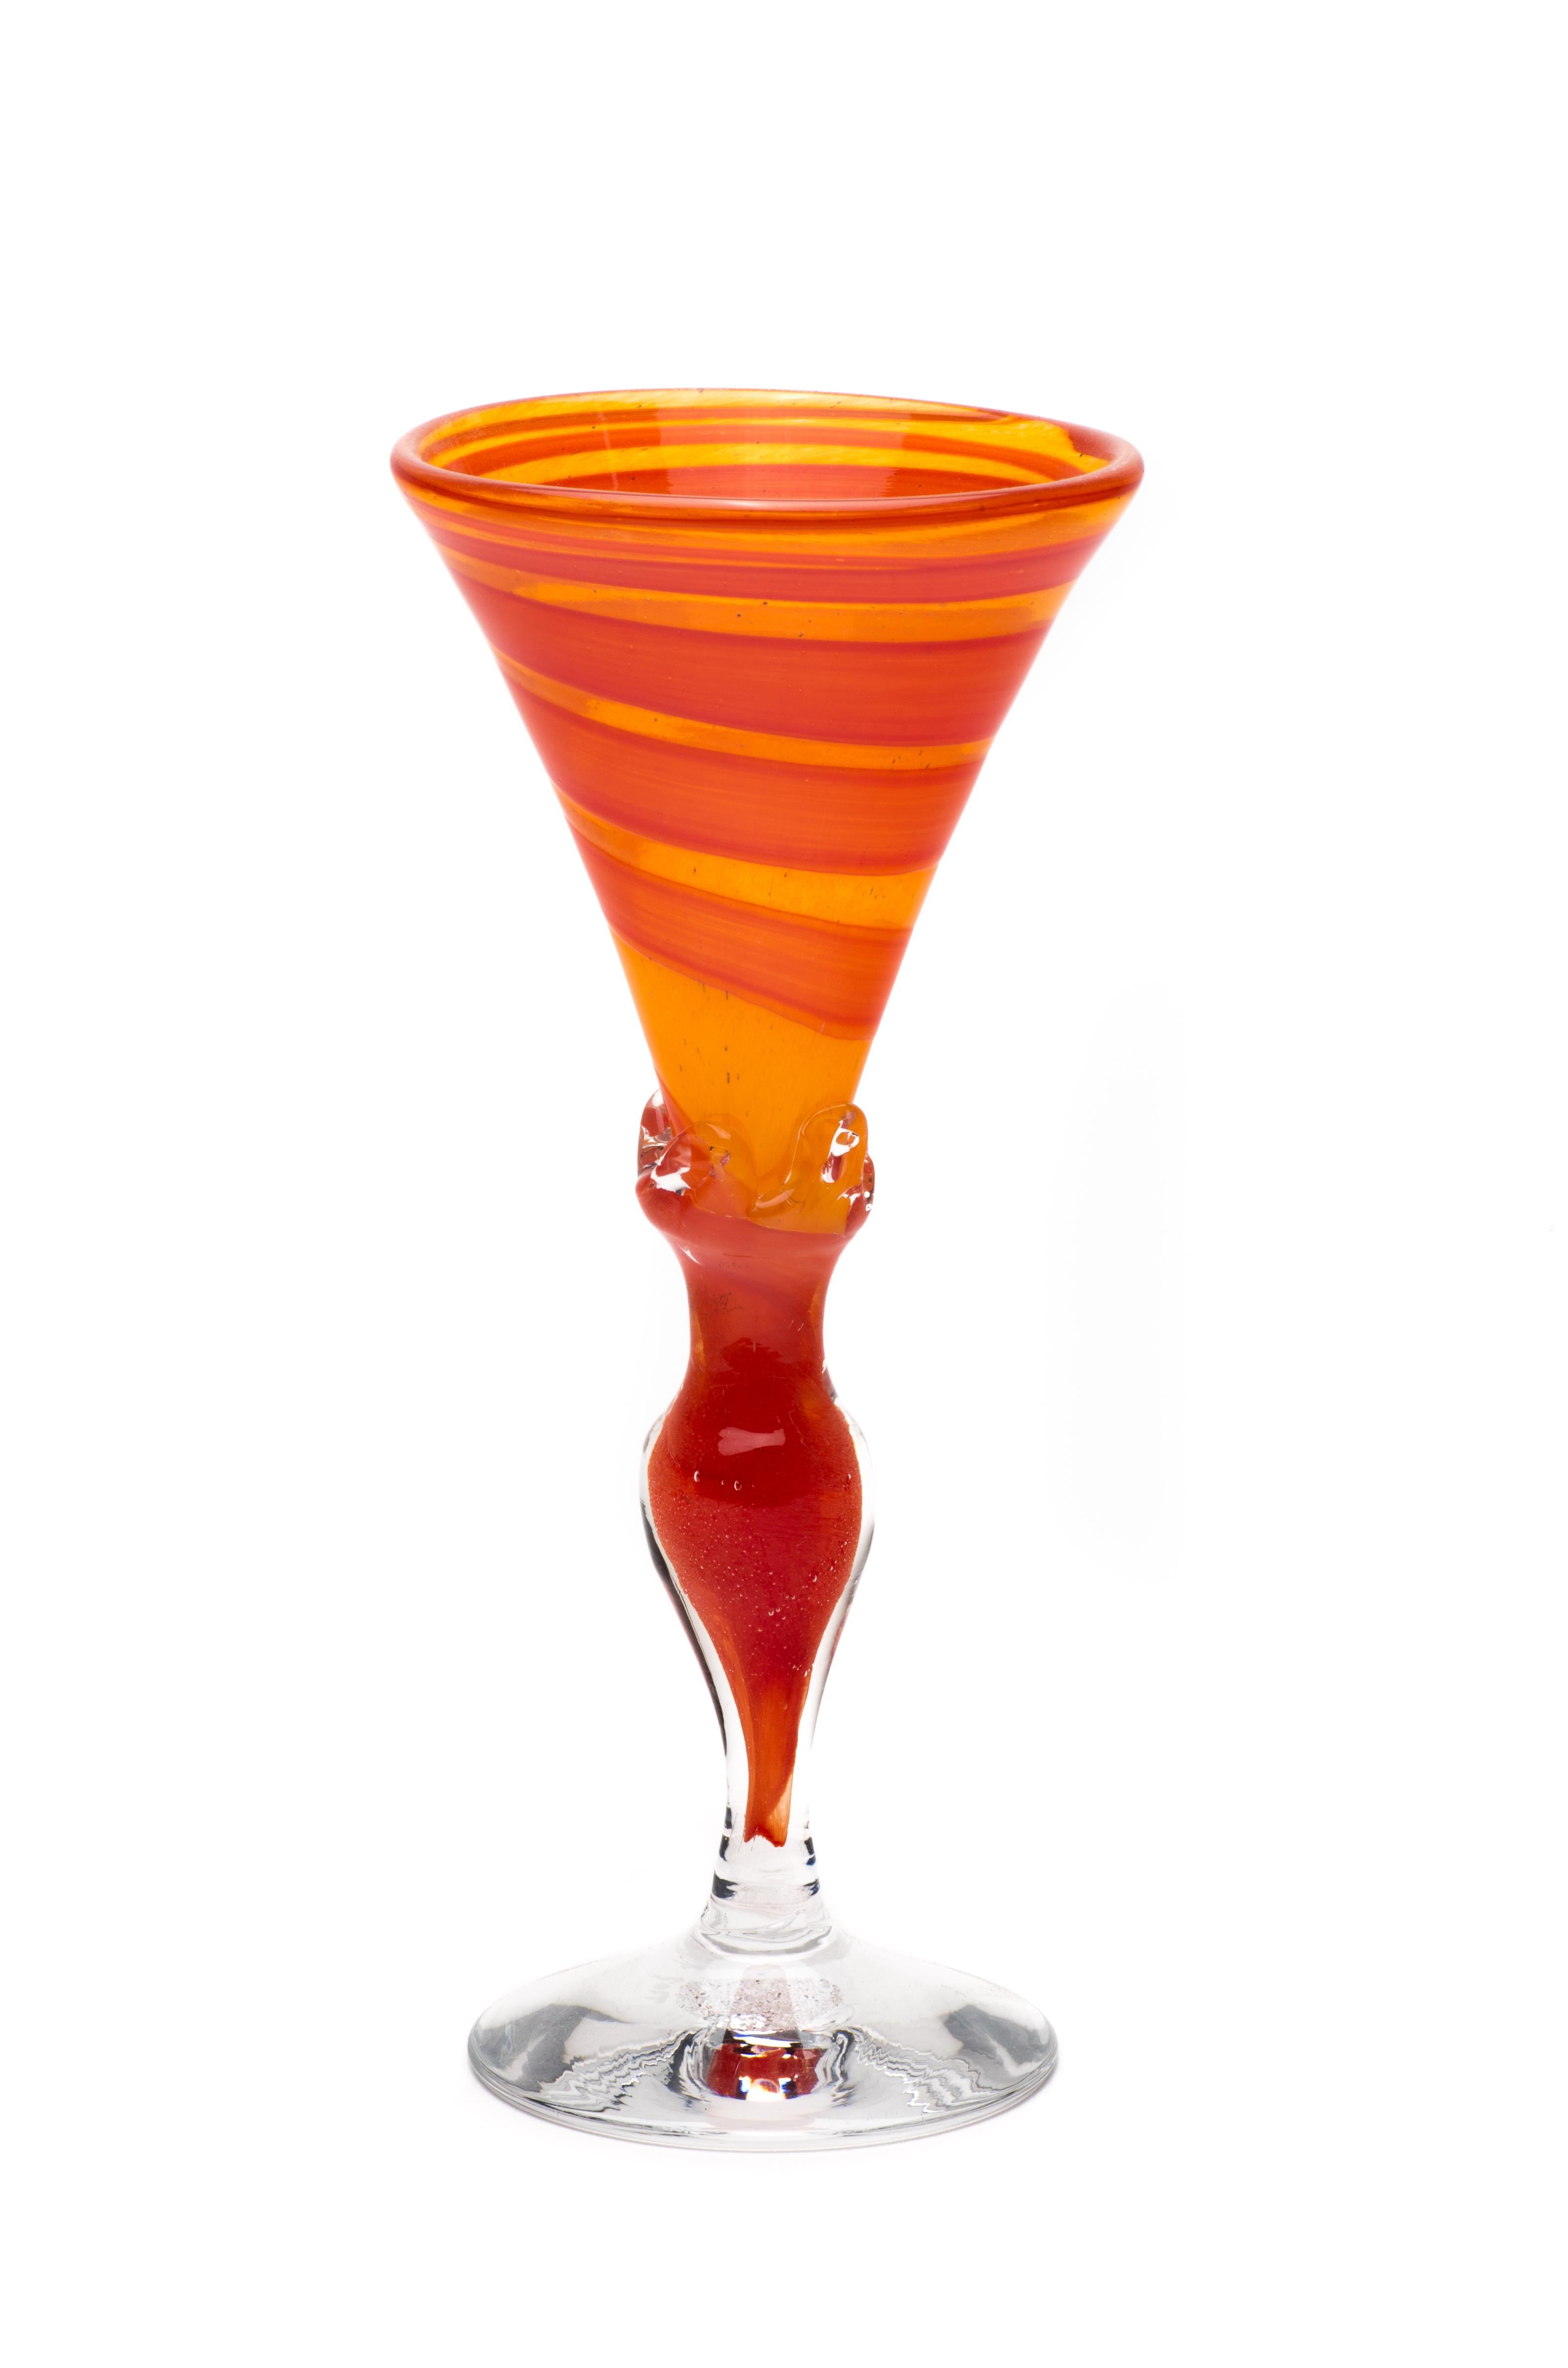 mandarin med rød spiral og stett